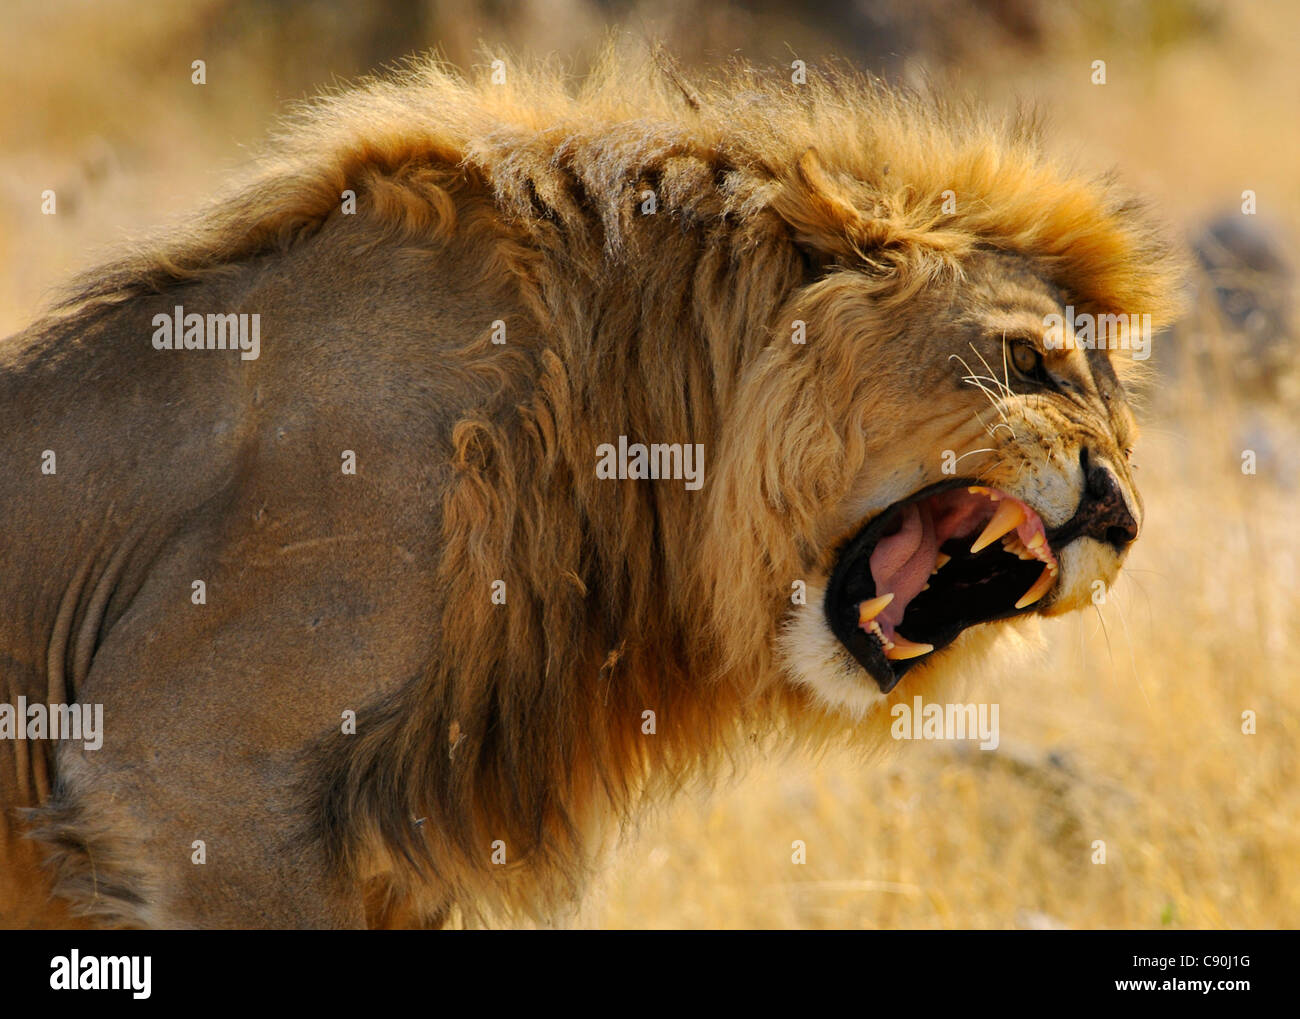 portrait of a roaring lion etosha national park namibia africa